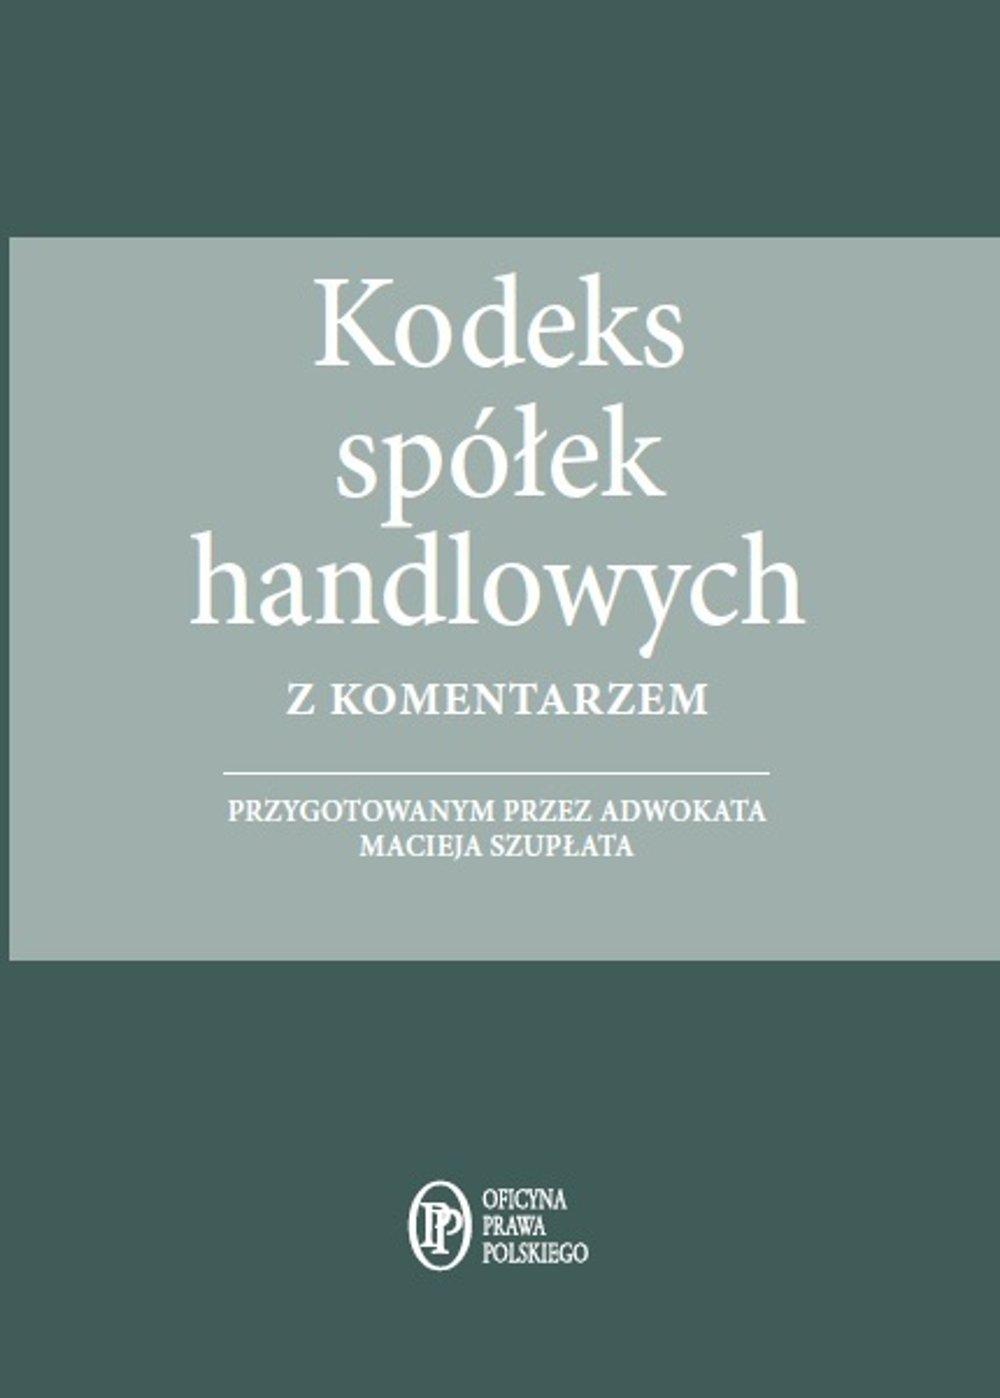 Kodeks spółek handlowych z komentarzem - stan prawny na  1.04.2015 - Ebook (Książka EPUB) do pobrania w formacie EPUB